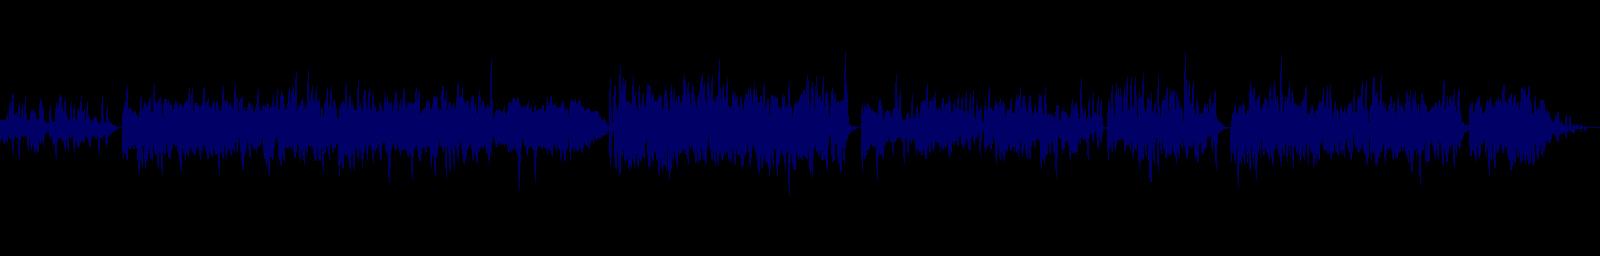 waveform of track #135647